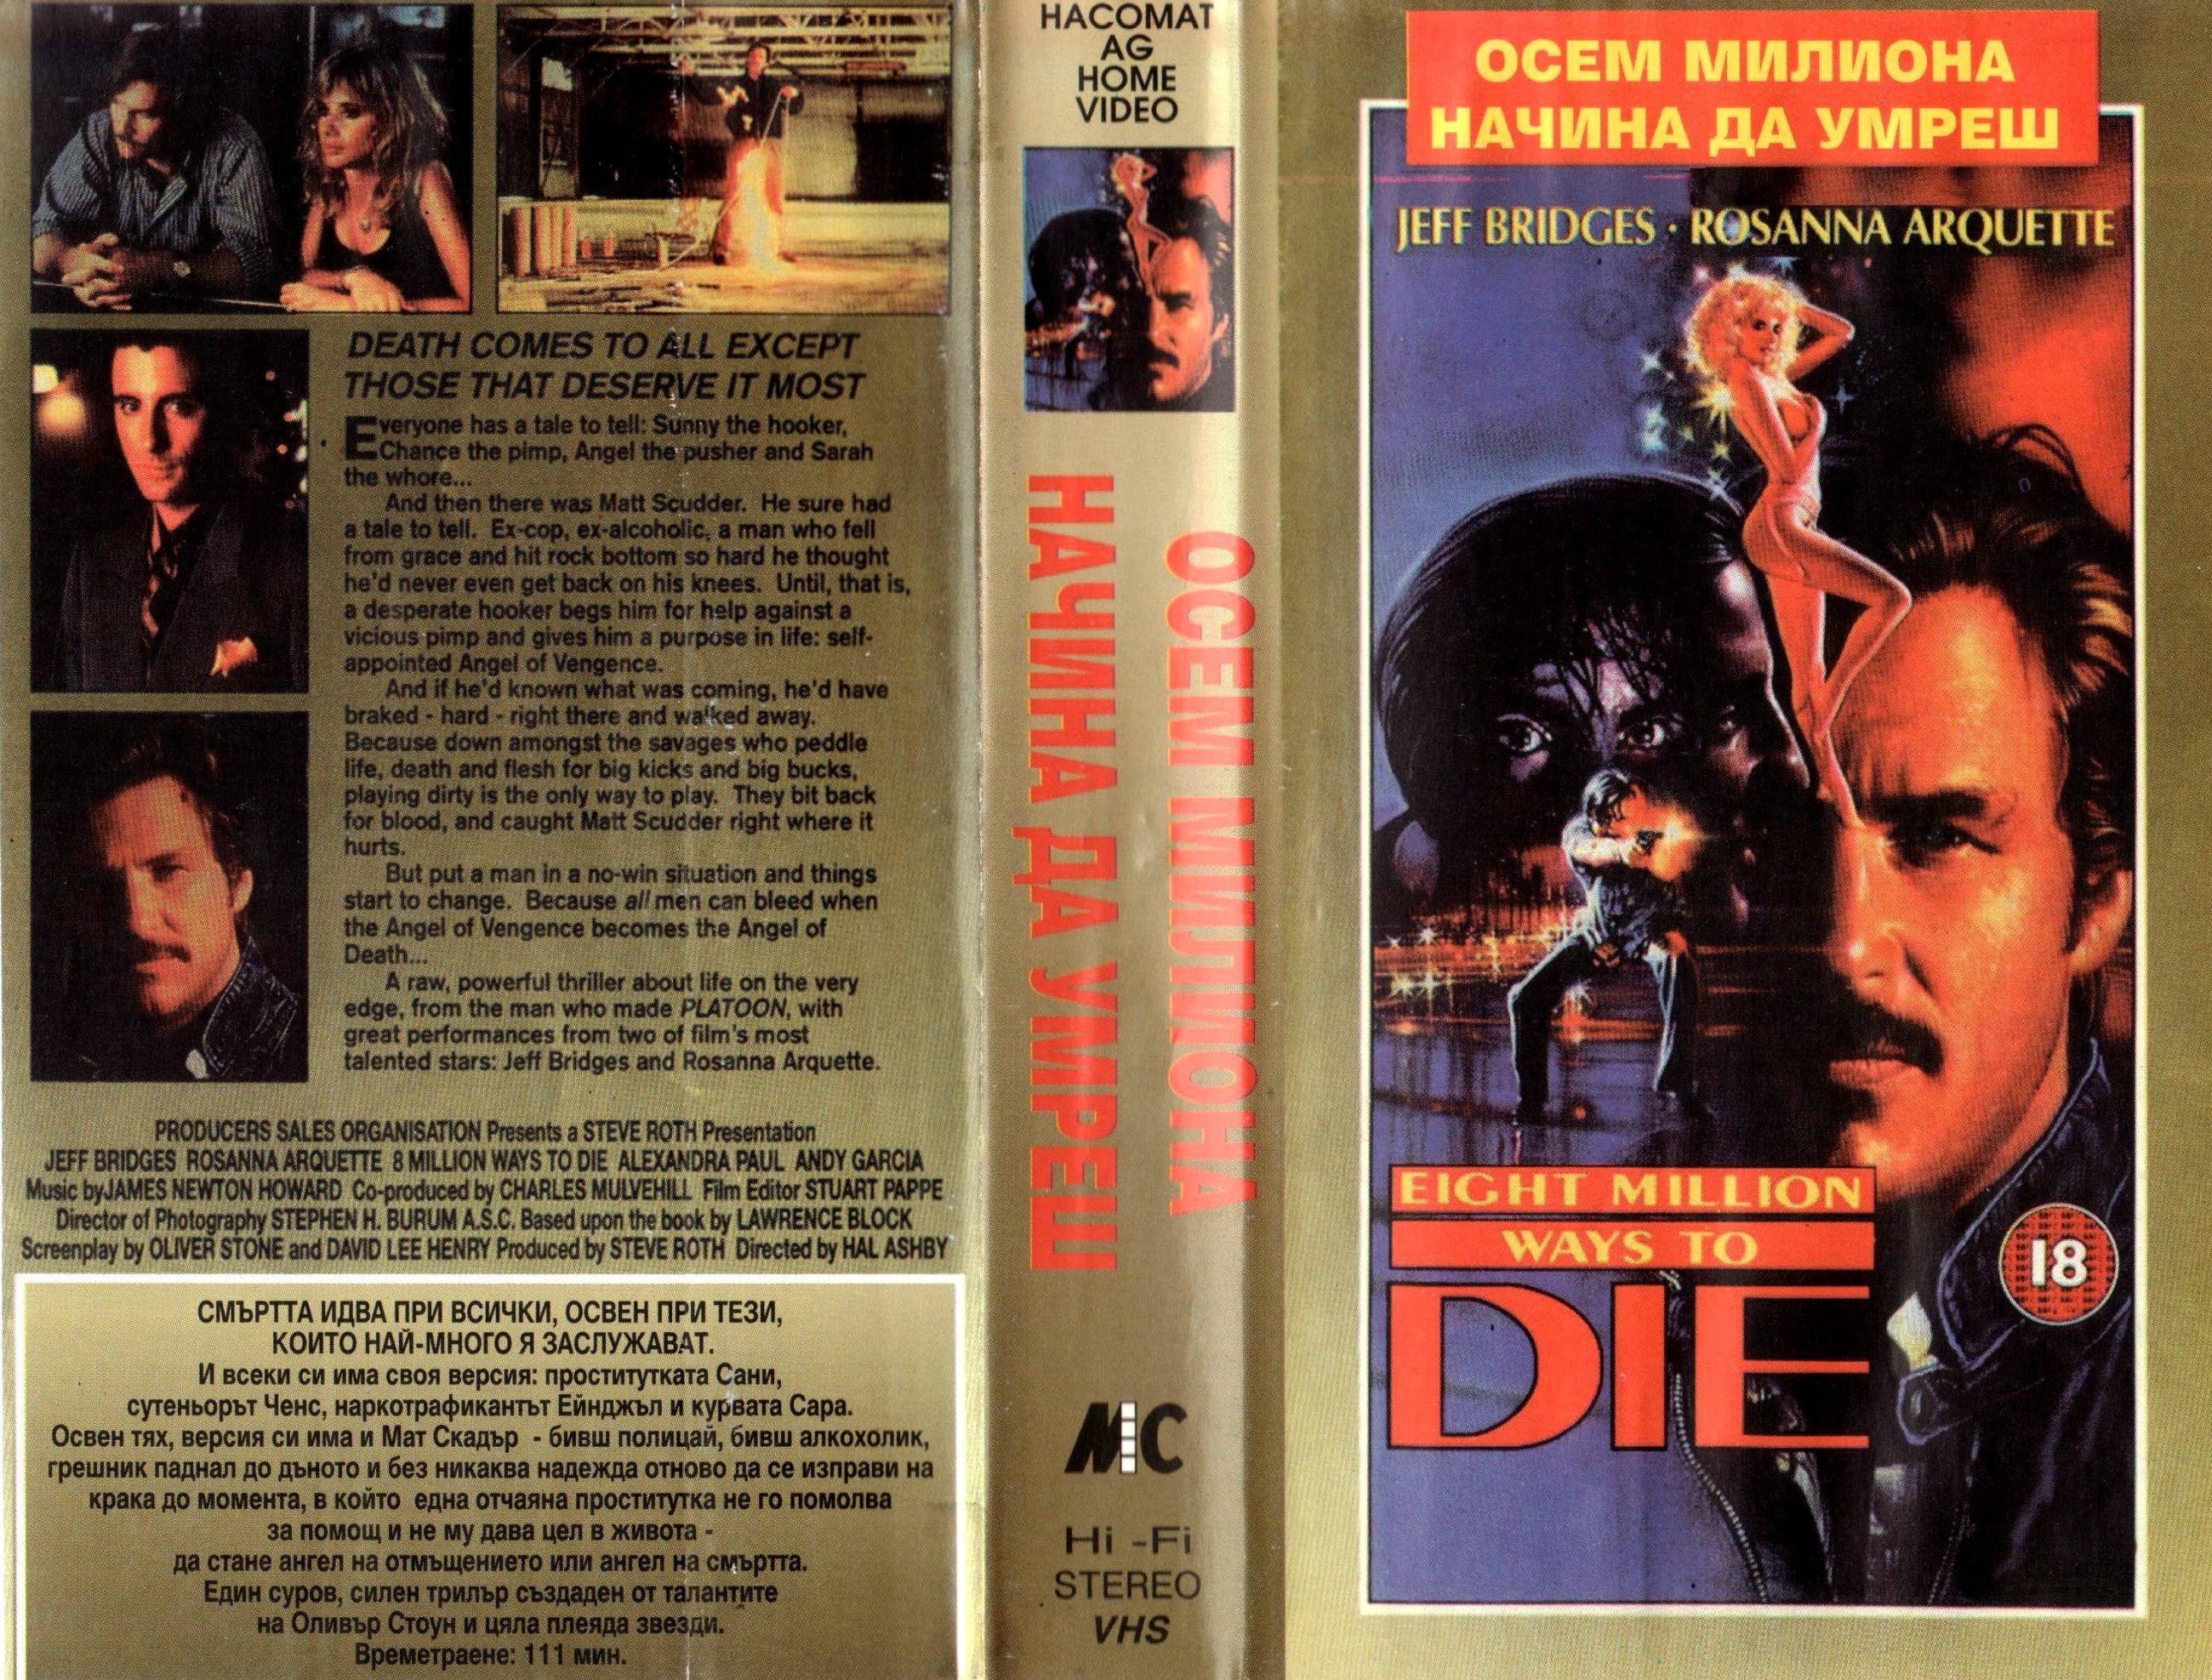 Осем милиона начина да умреш филм